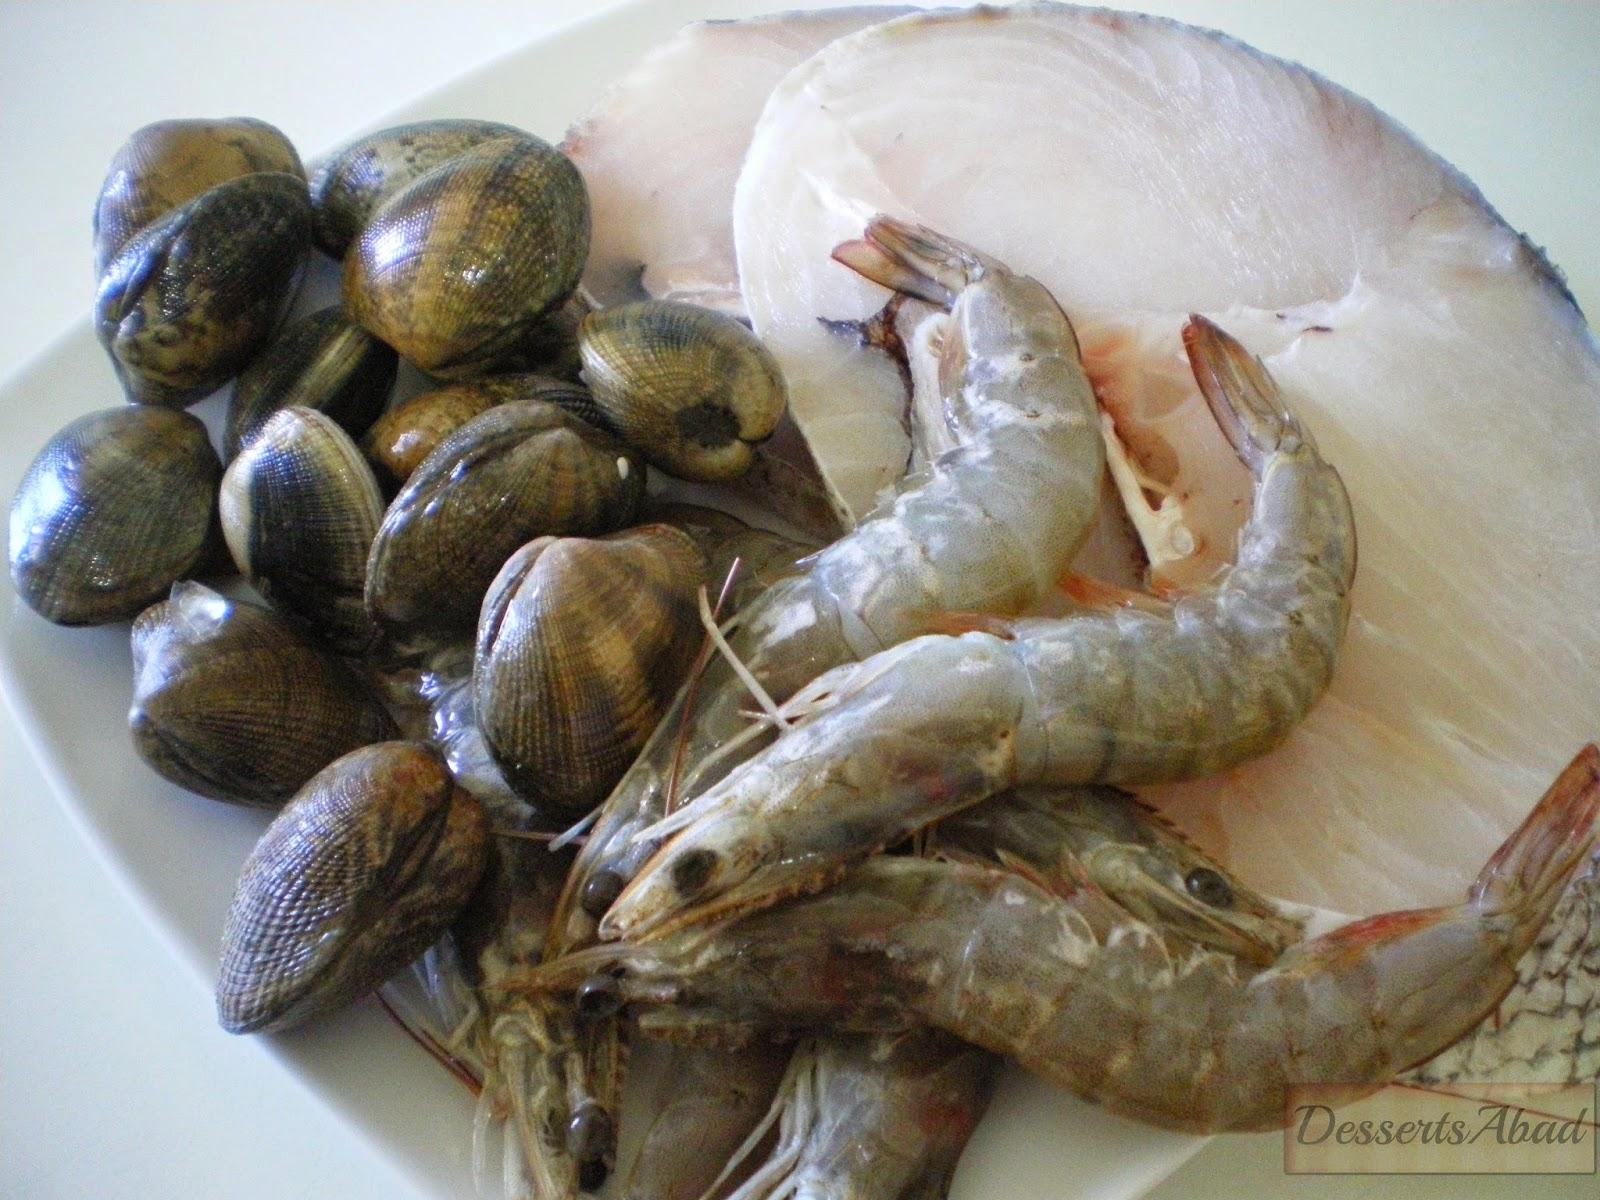 Merluza con langostinos y almejas sobre patata confitada, ingredientes